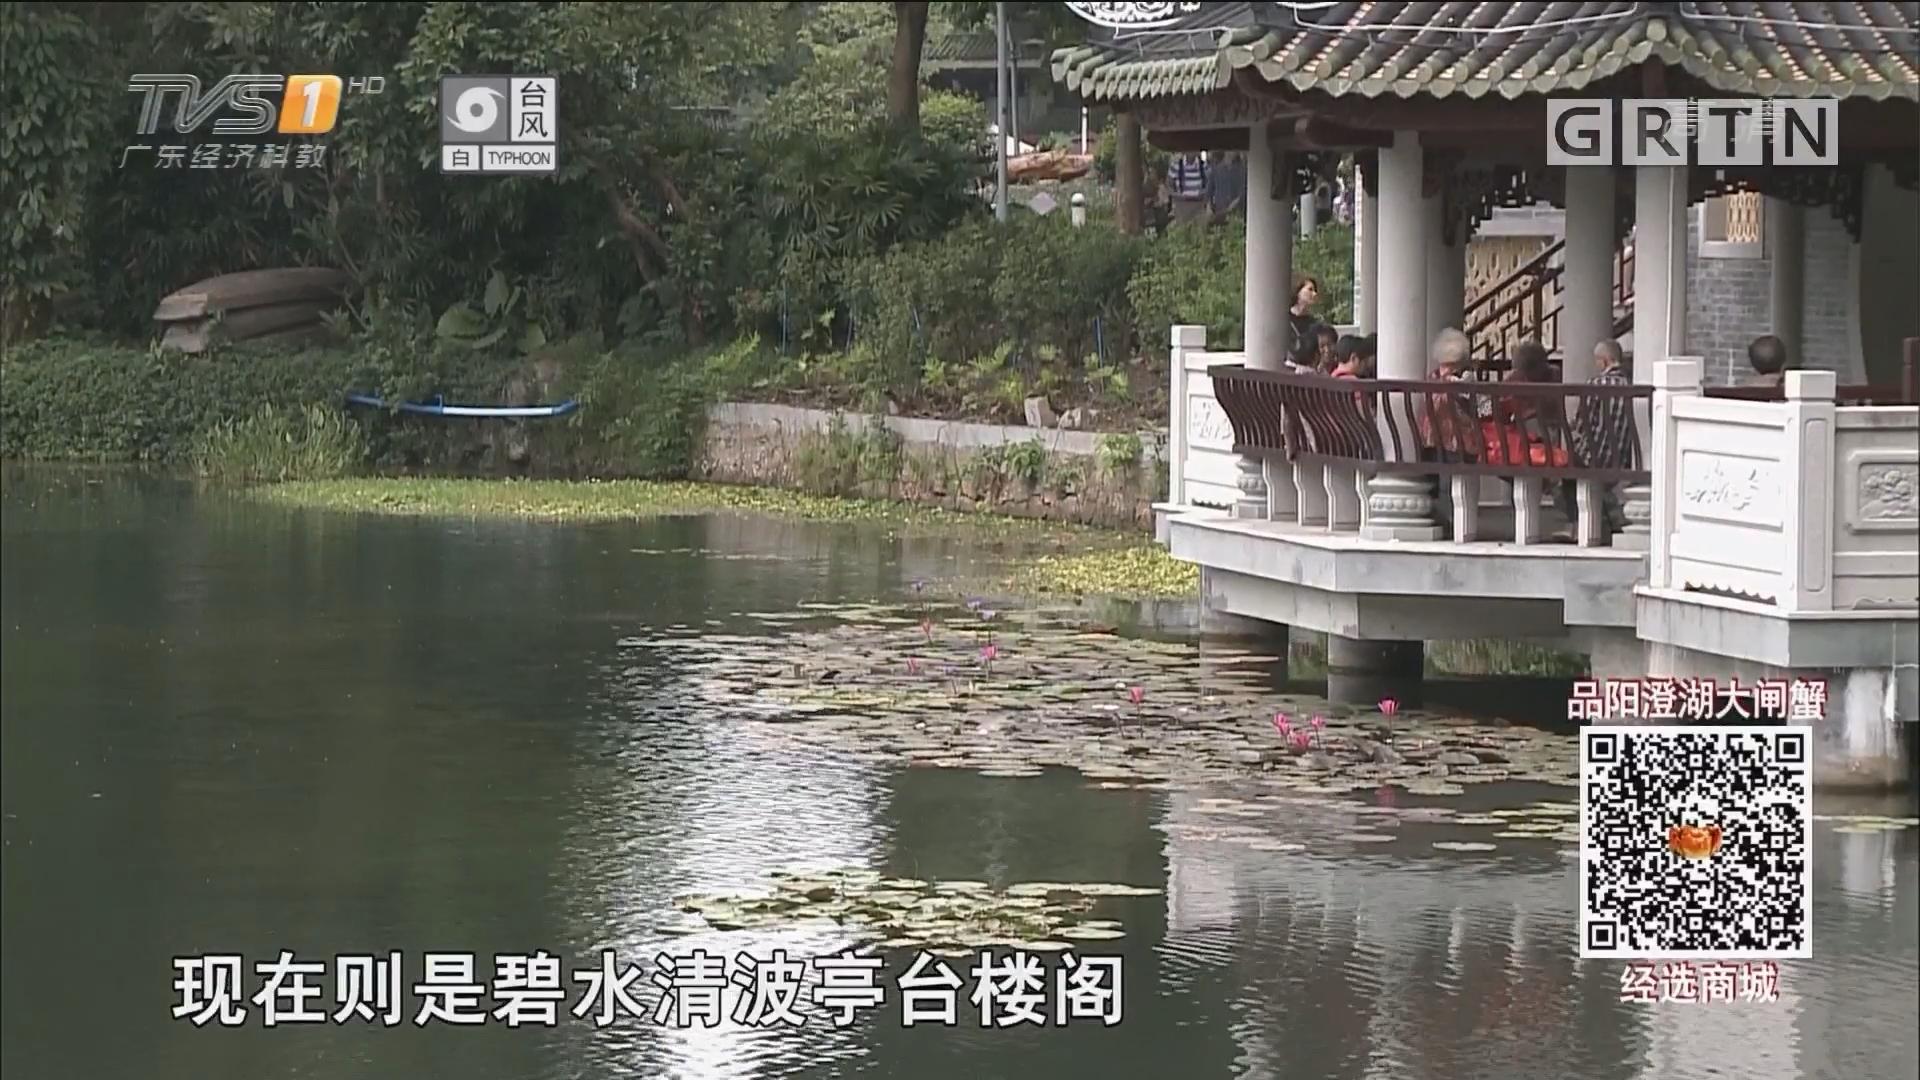 广州:荔湾湖清澈见底 生态改造初见成效